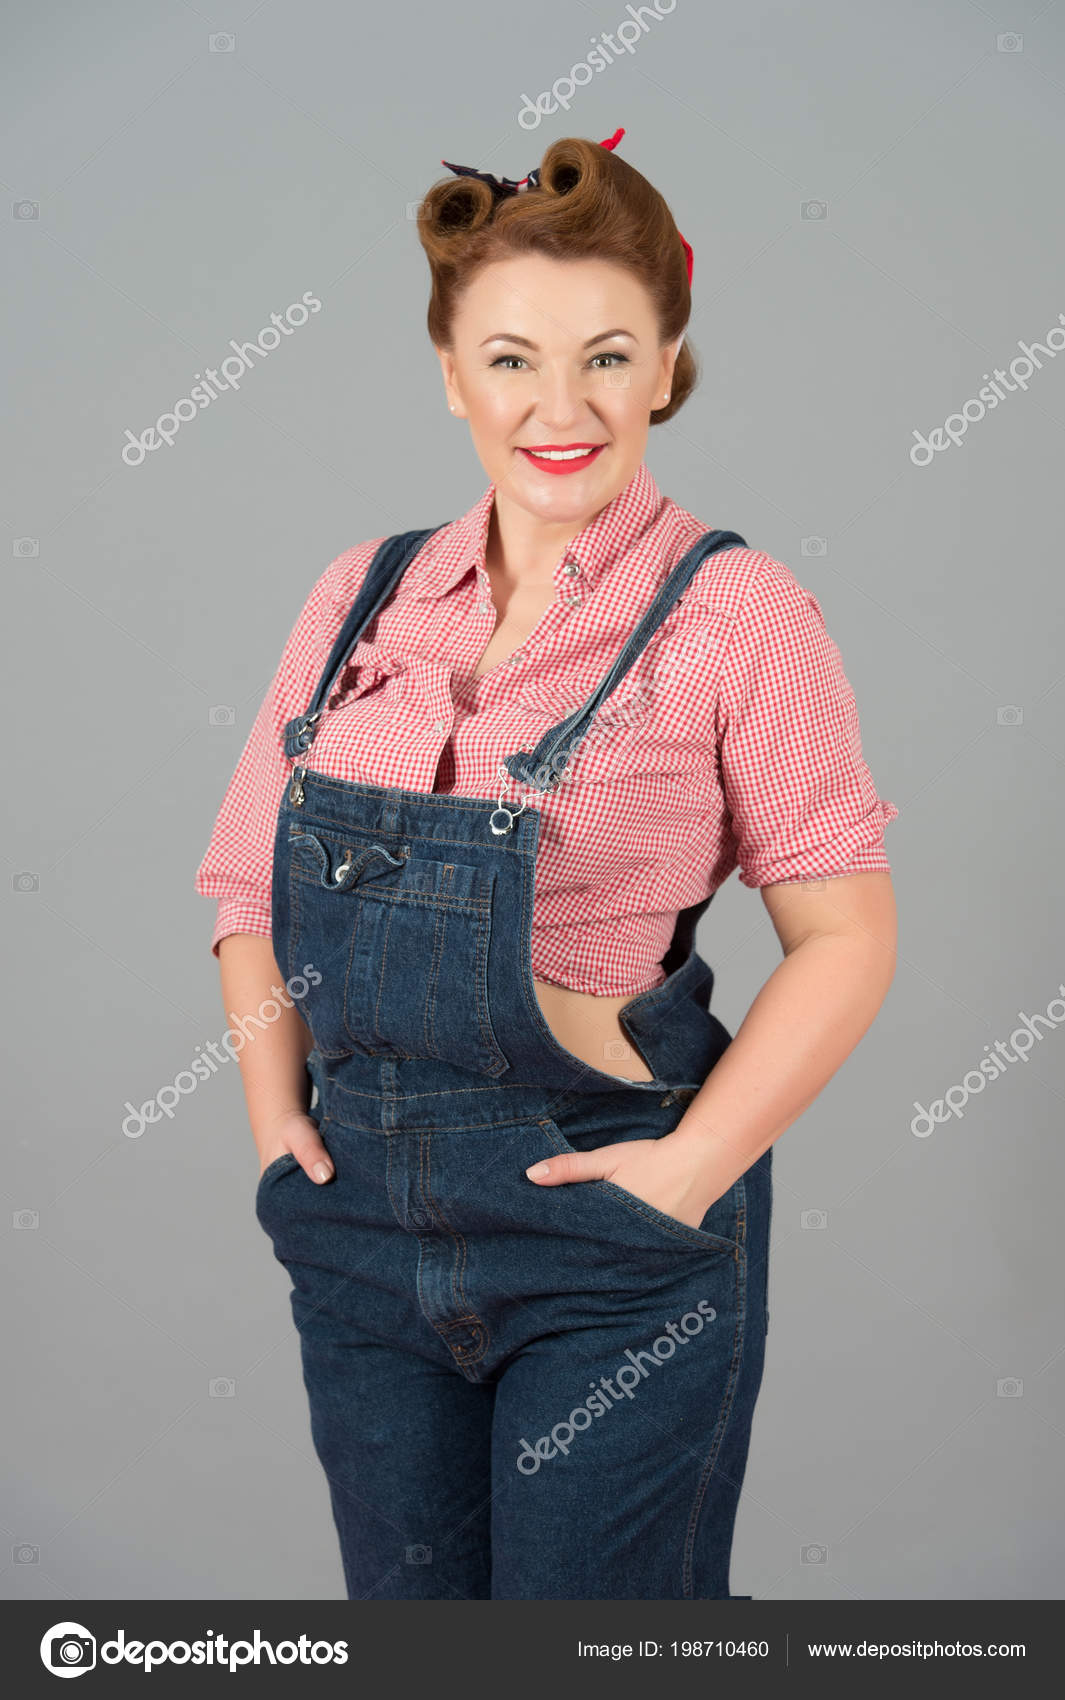 0a1d51ded705a9 Brünette hübsche Frau im Pin-up-Stil und Denim auf grauem Hintergrund.  Konzept der Jeanskleid und Pin-up-Haar Stil Frau isoliert im Studio. schöne  ...